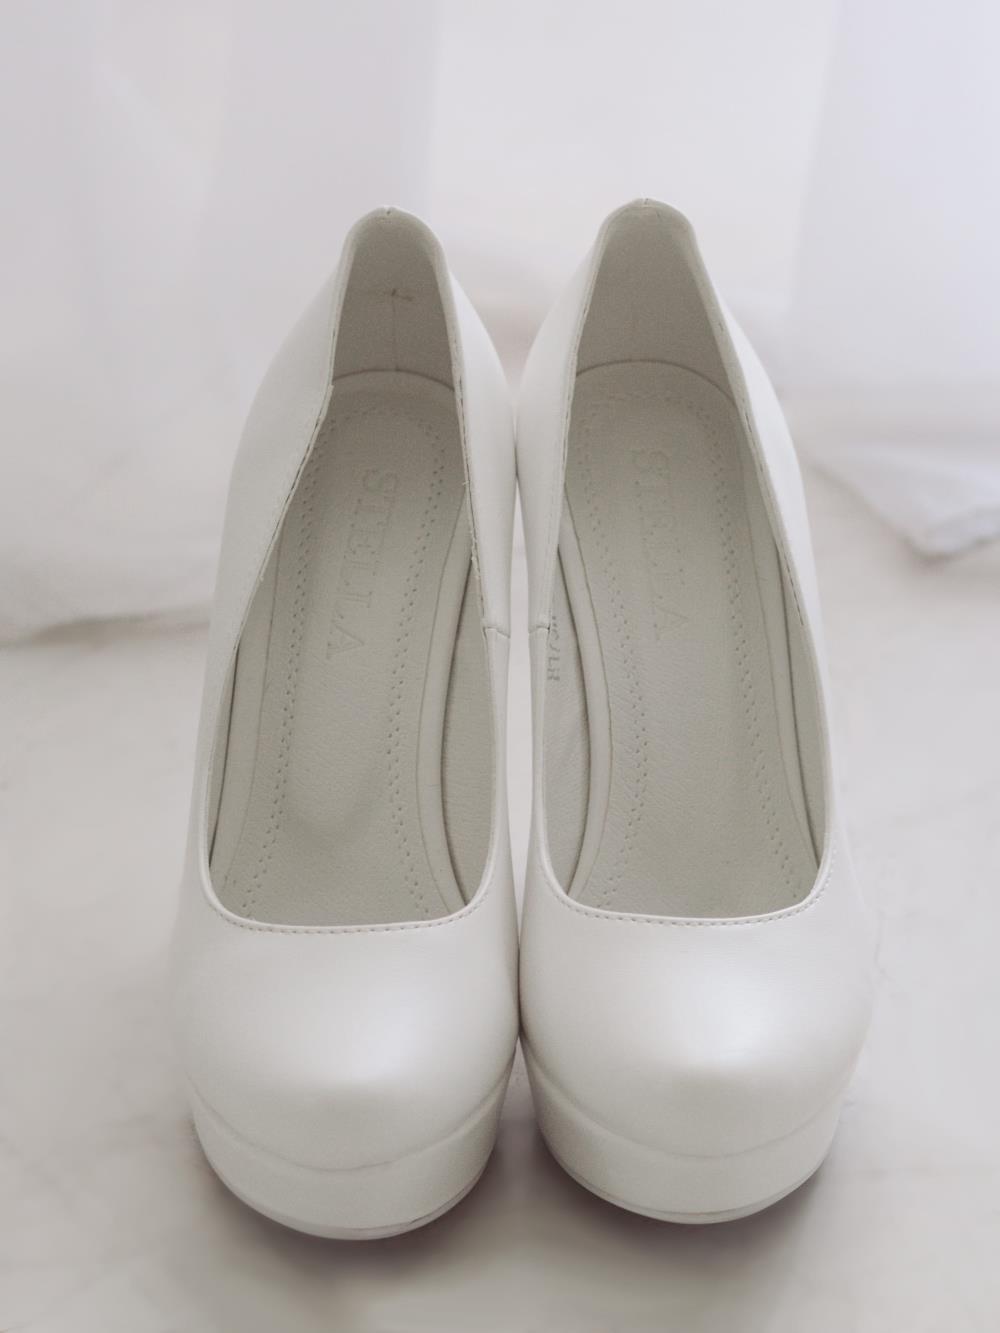 5aca8c9e6 Туфли свадебные гладкие на платформе 1 Туфли свадебные гладкие на платформе  2